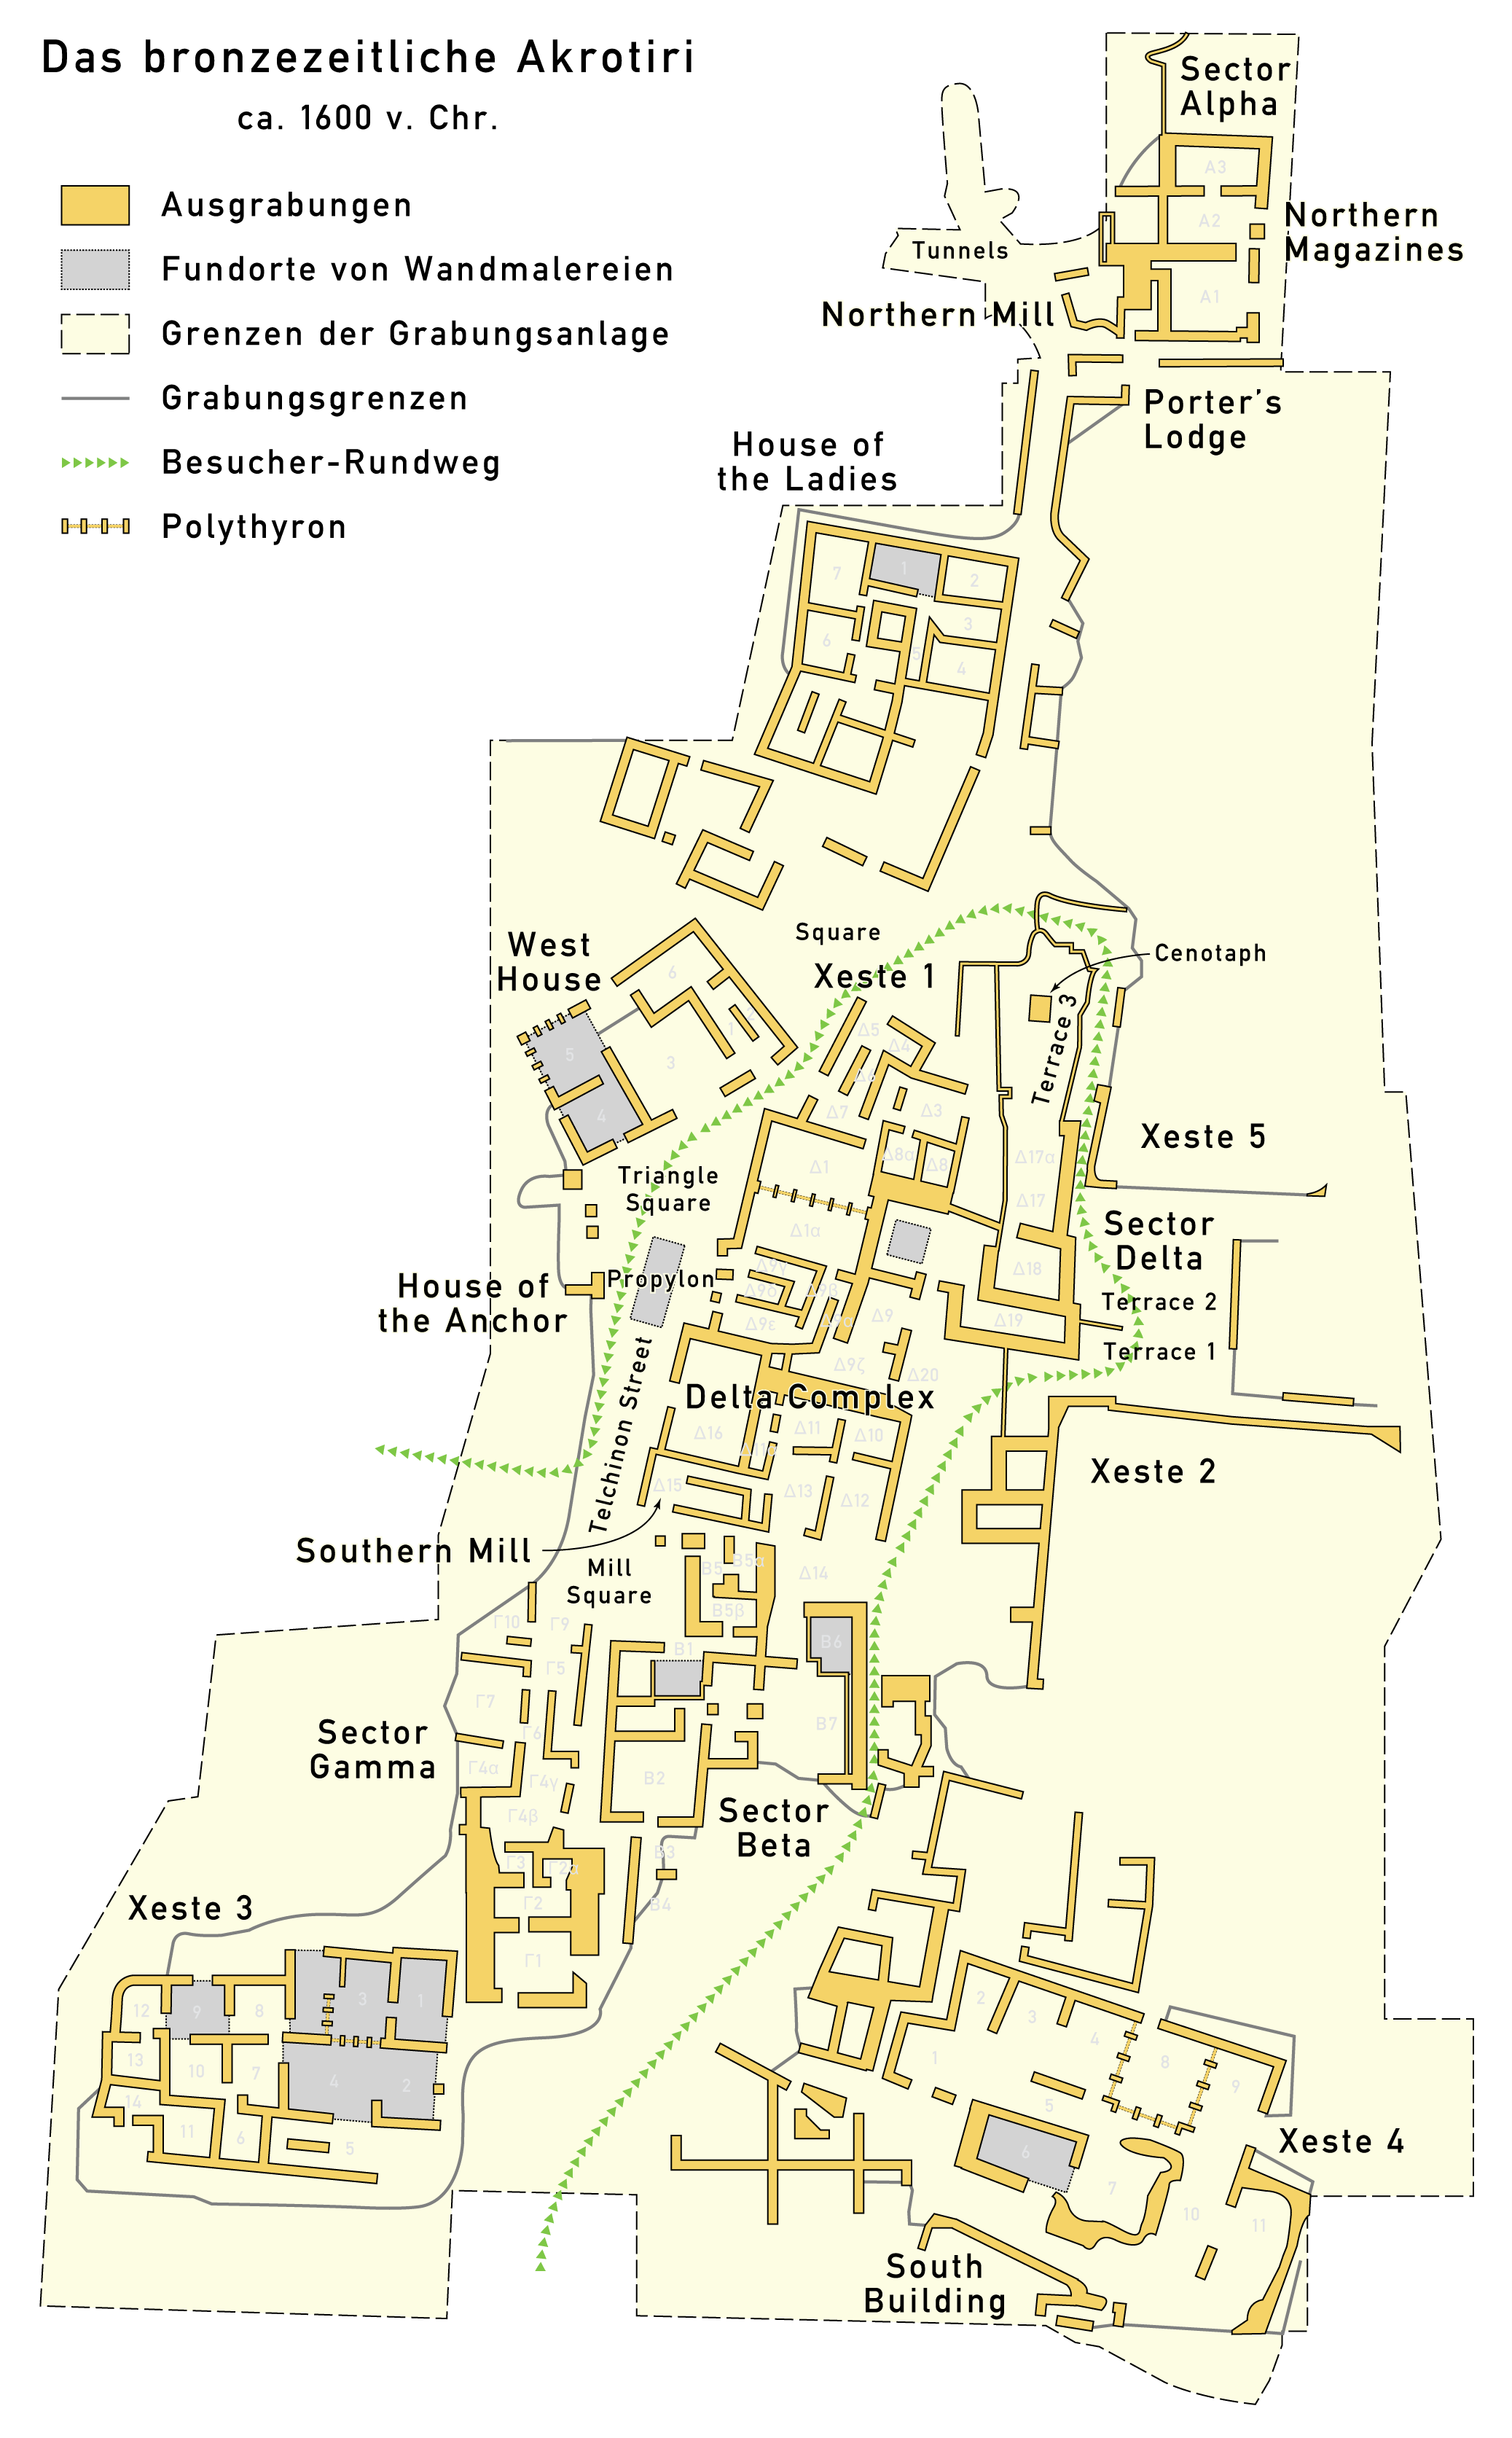 FileMap Akrotiri 1600 BCdepng Wikimedia Commons